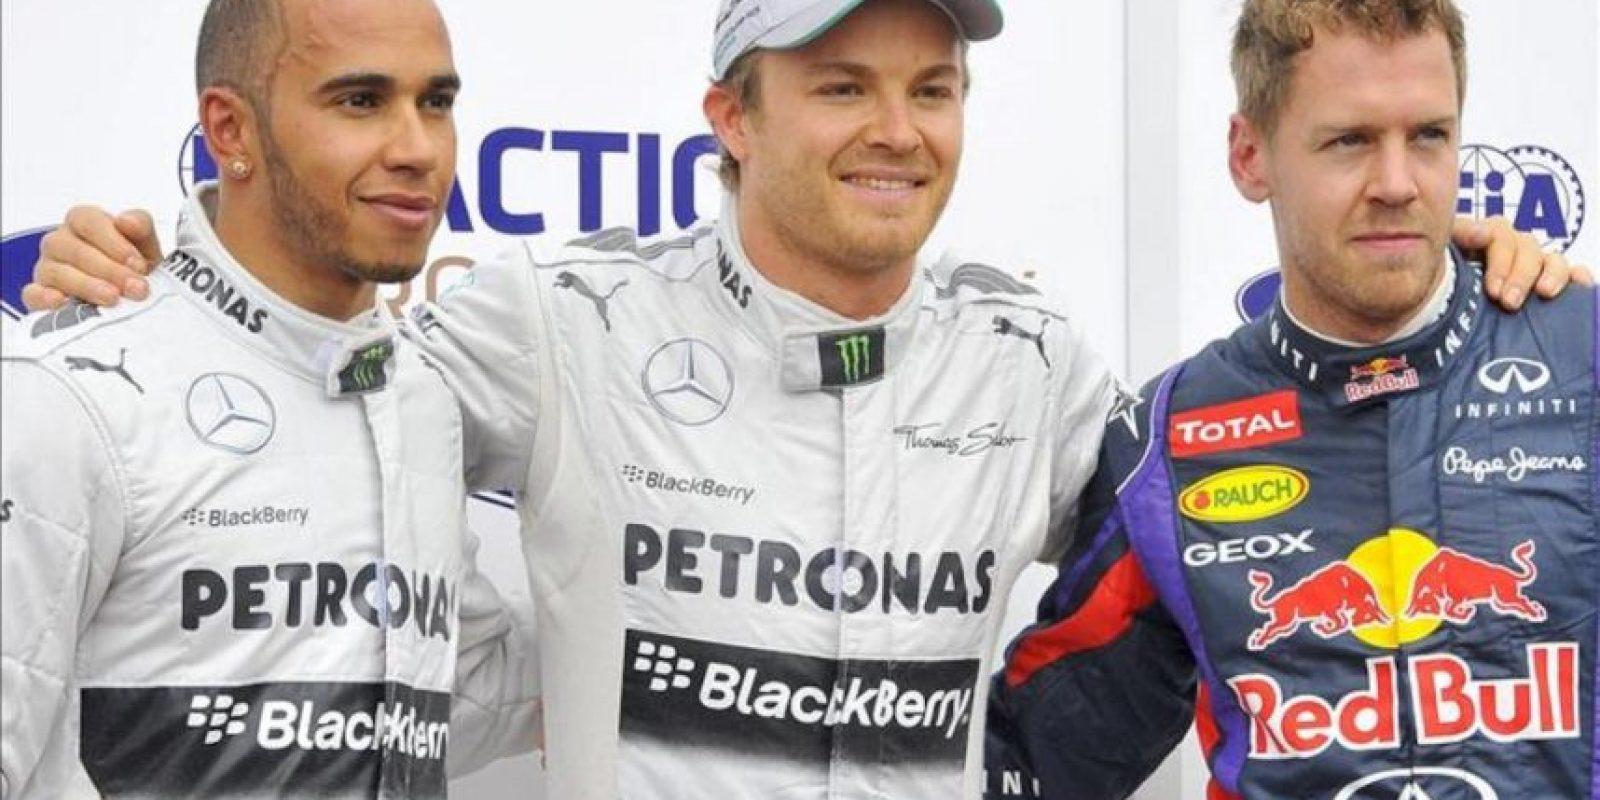 El piloto alemán de Fórmula Uno Nico Rosberg (c), de Mercedes AMG, su compañero de equipo, el británico Lewis Hamilton (iz) y el alemán Sebastian Vettel (dcha), de Red Bull Racing. EFE